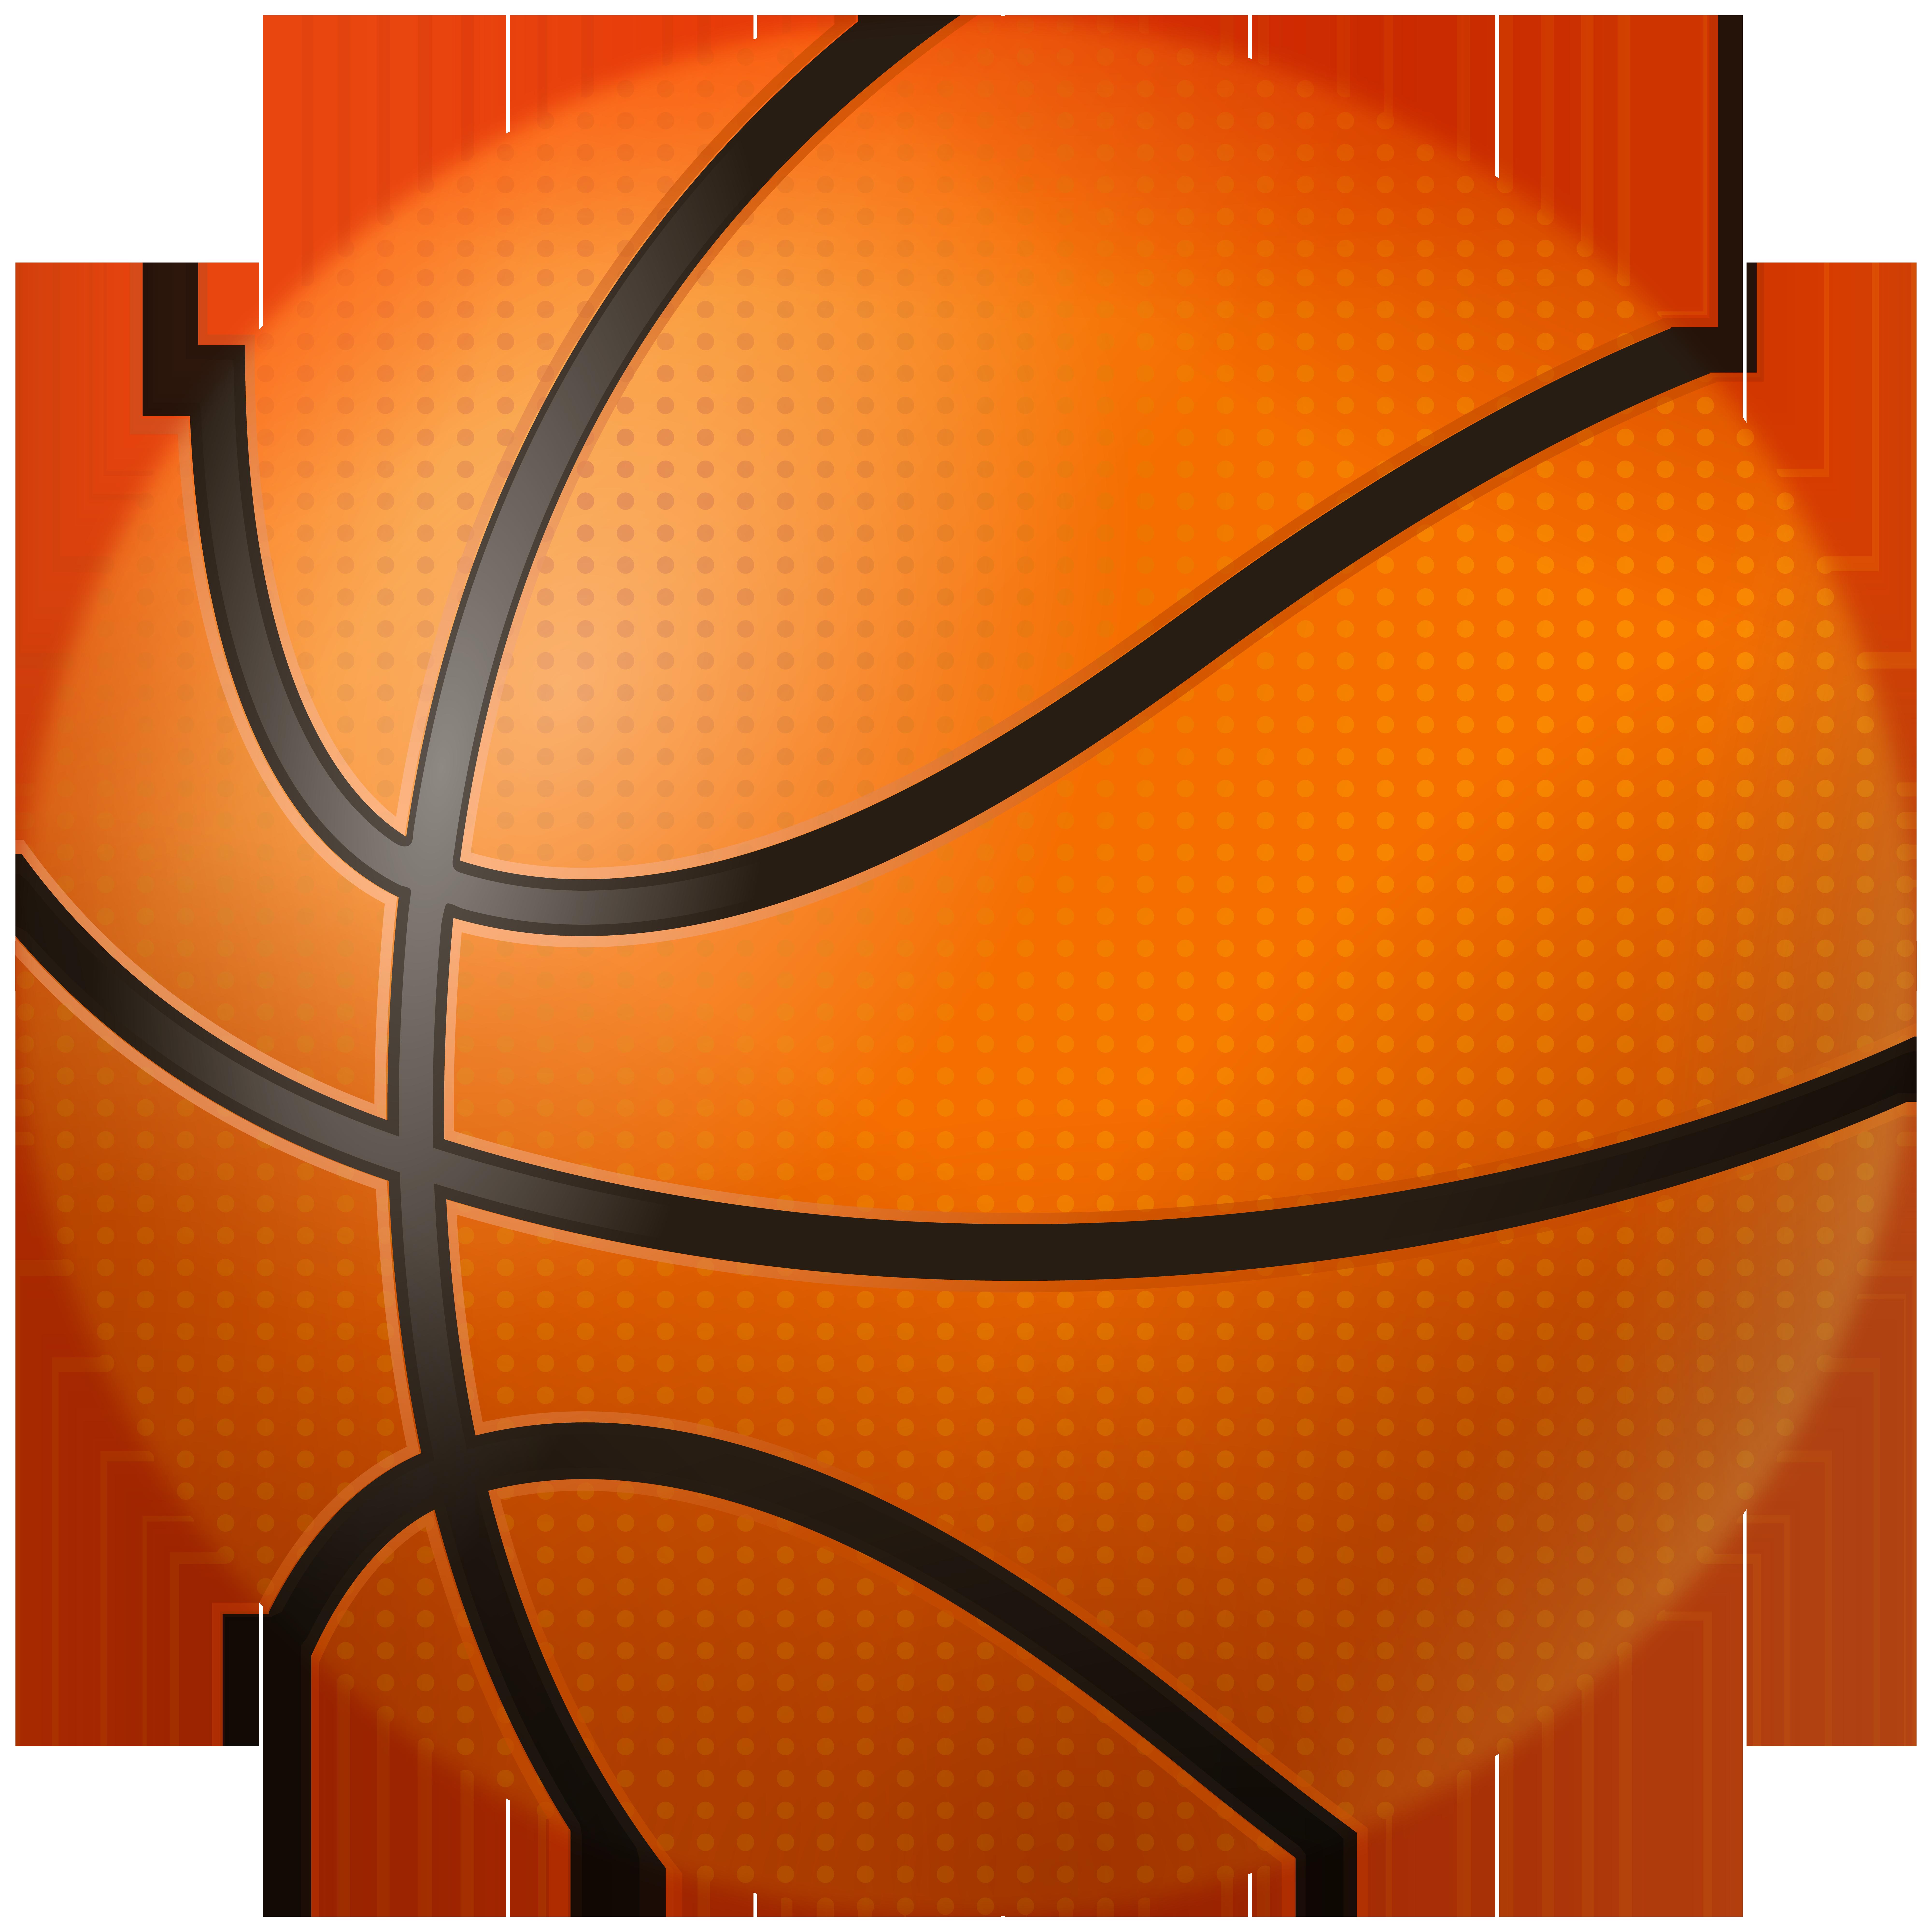 Balls clipart basketball, Balls basketball Transparent FREE.